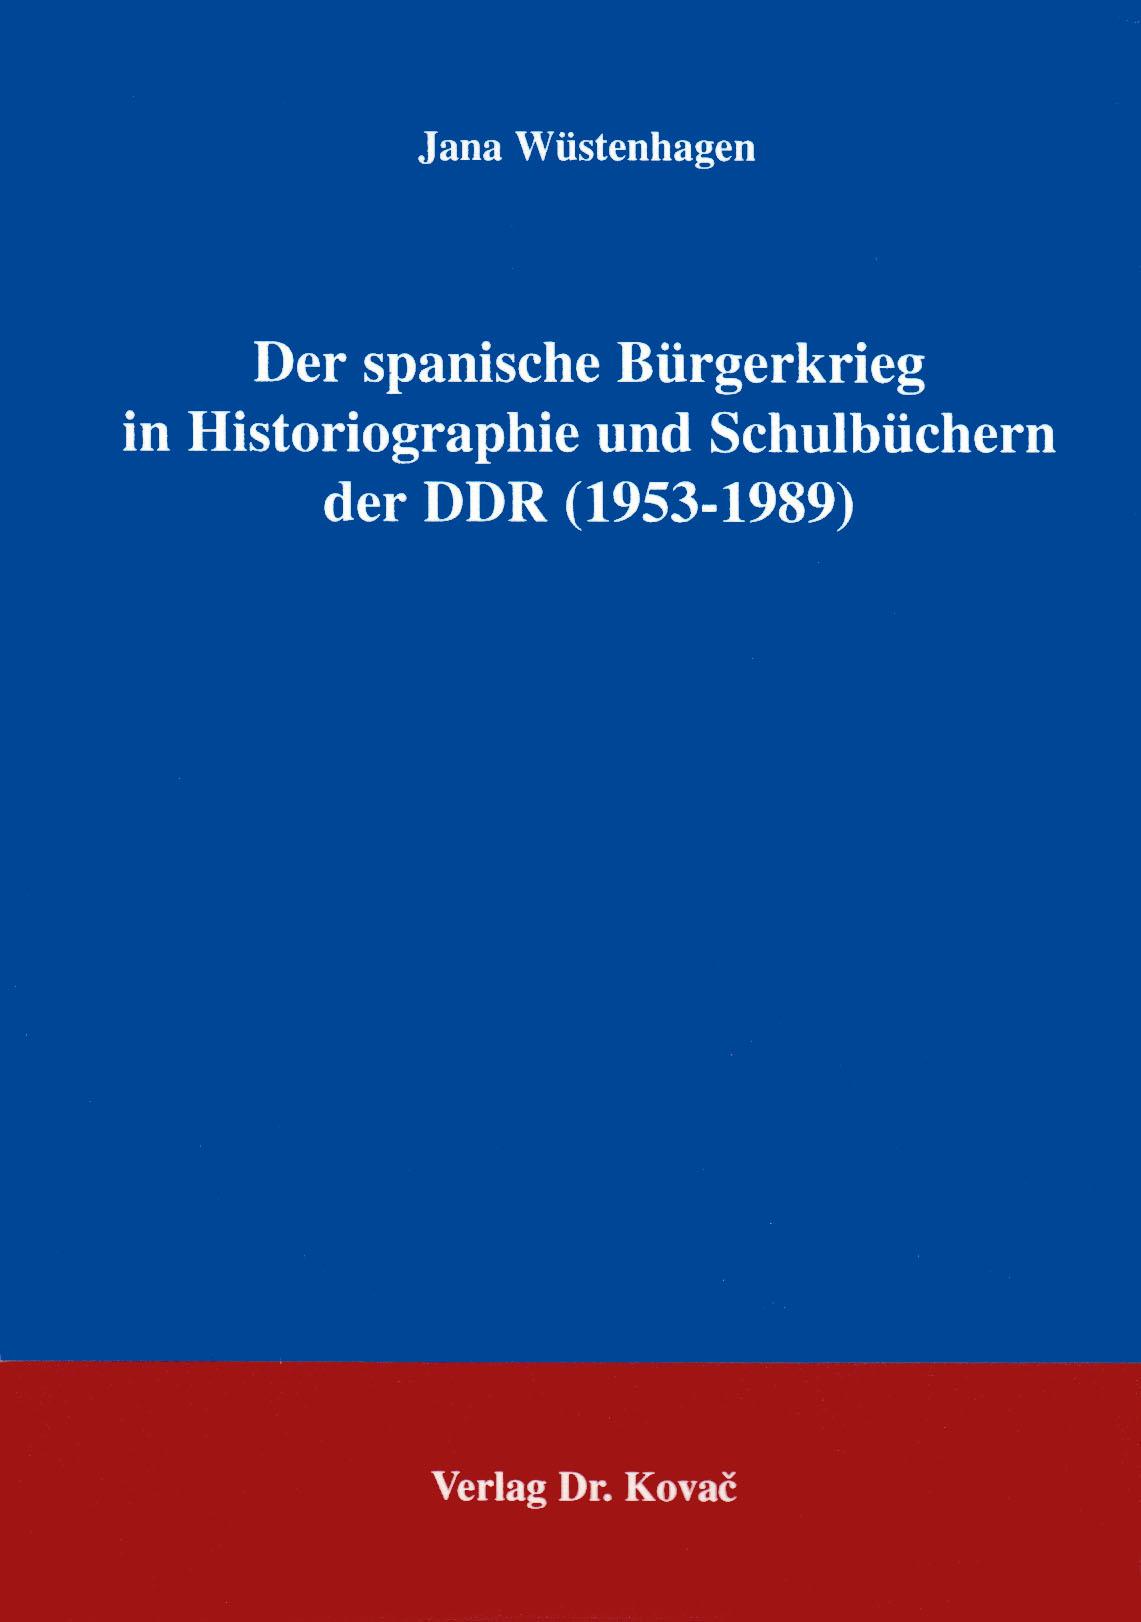 Cover: Der spanische Bürgerkrieg in Historiographie und Schulbüchern der DDR (1953-1989)